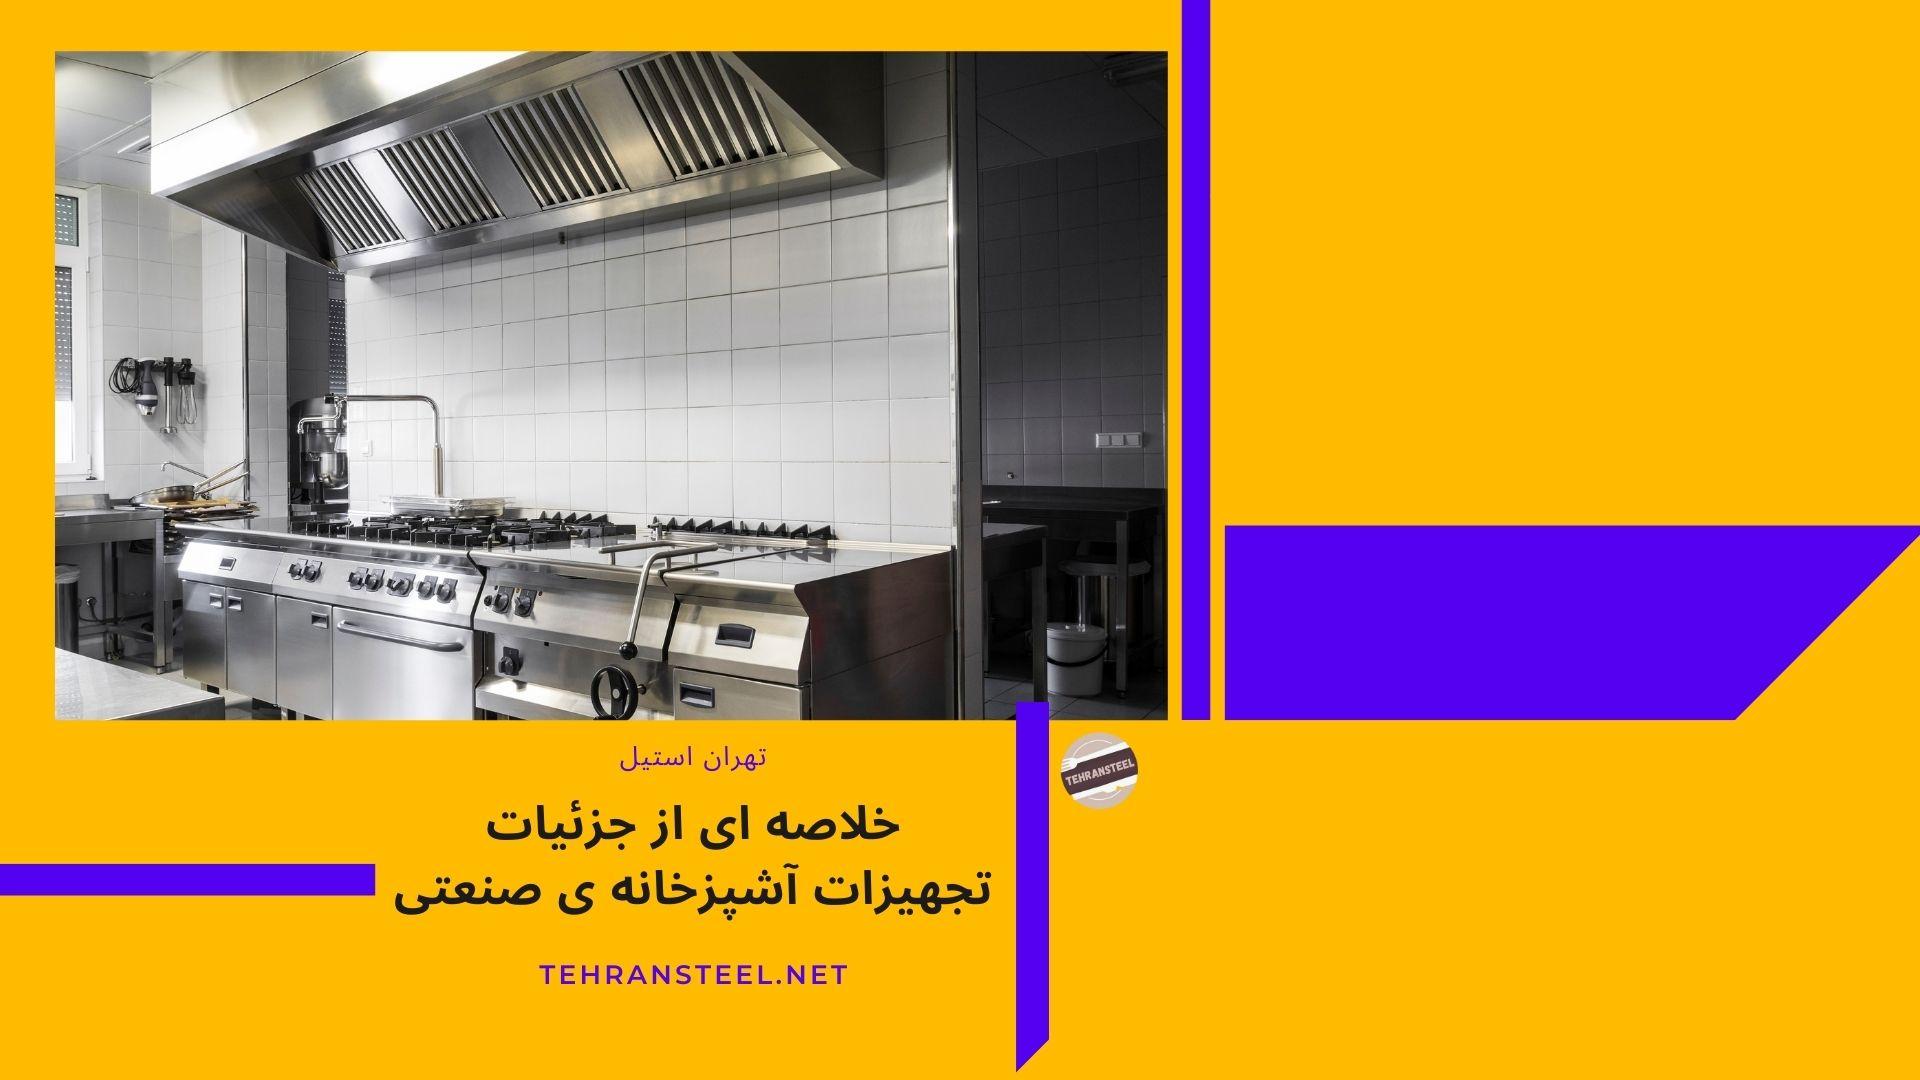 خلاصه ای از جزئیات تجهیزات آشپزخانه صنعتی: